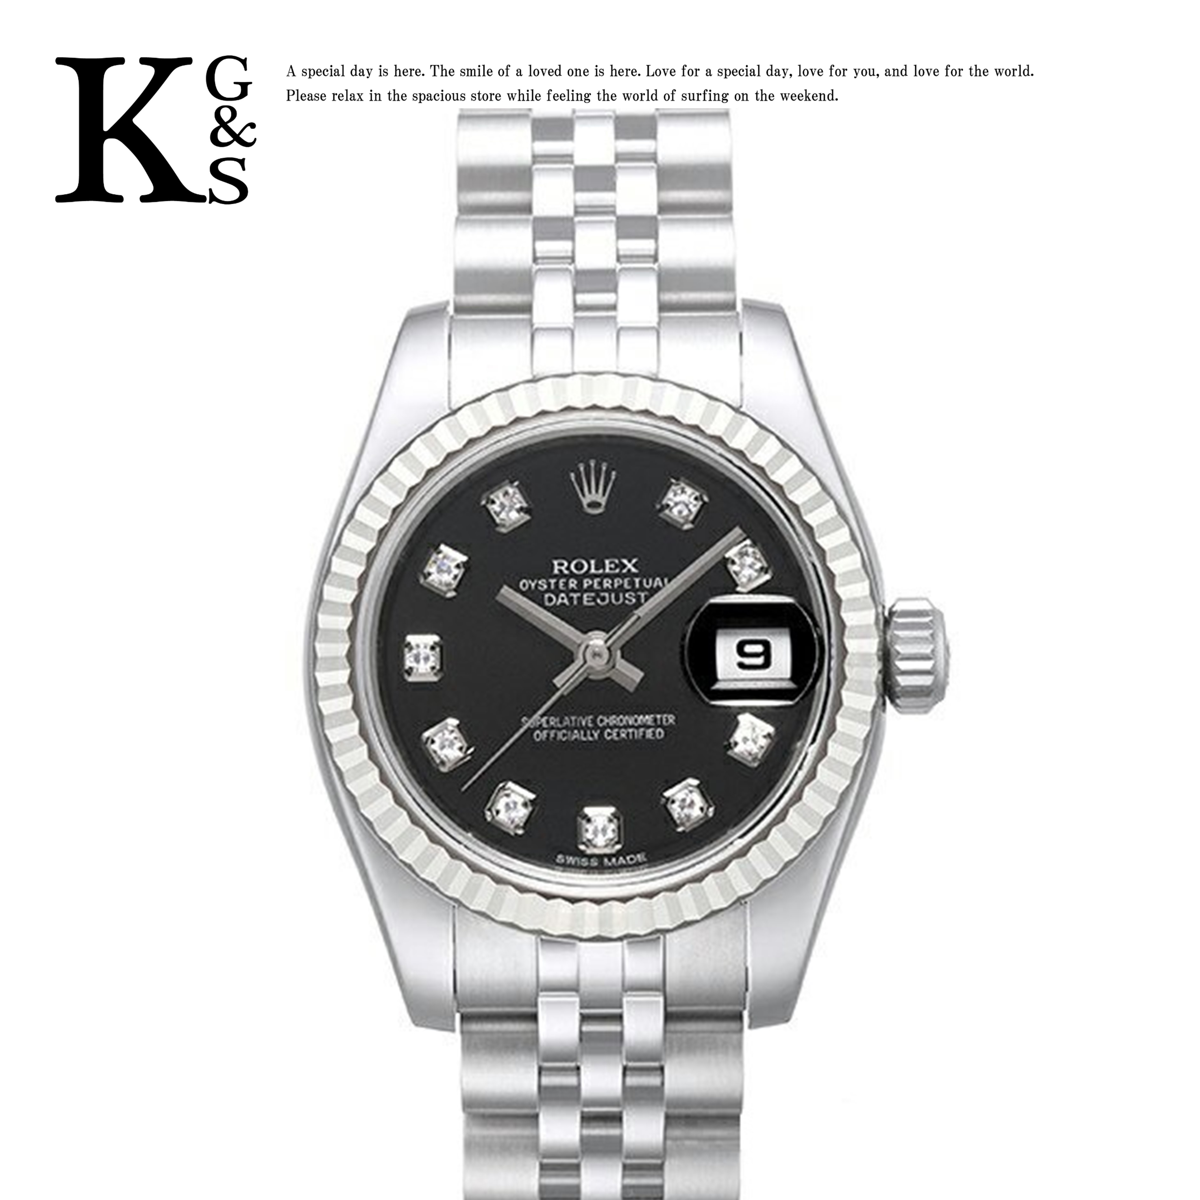 【ギフト品質】ロレックス/ROLEX レディース 腕時計 デイトジャスト ブラック文字盤 10Pダイヤ ホワイトゴールド K18WG×ステンレススチール 自動巻き オートマチック 179174G